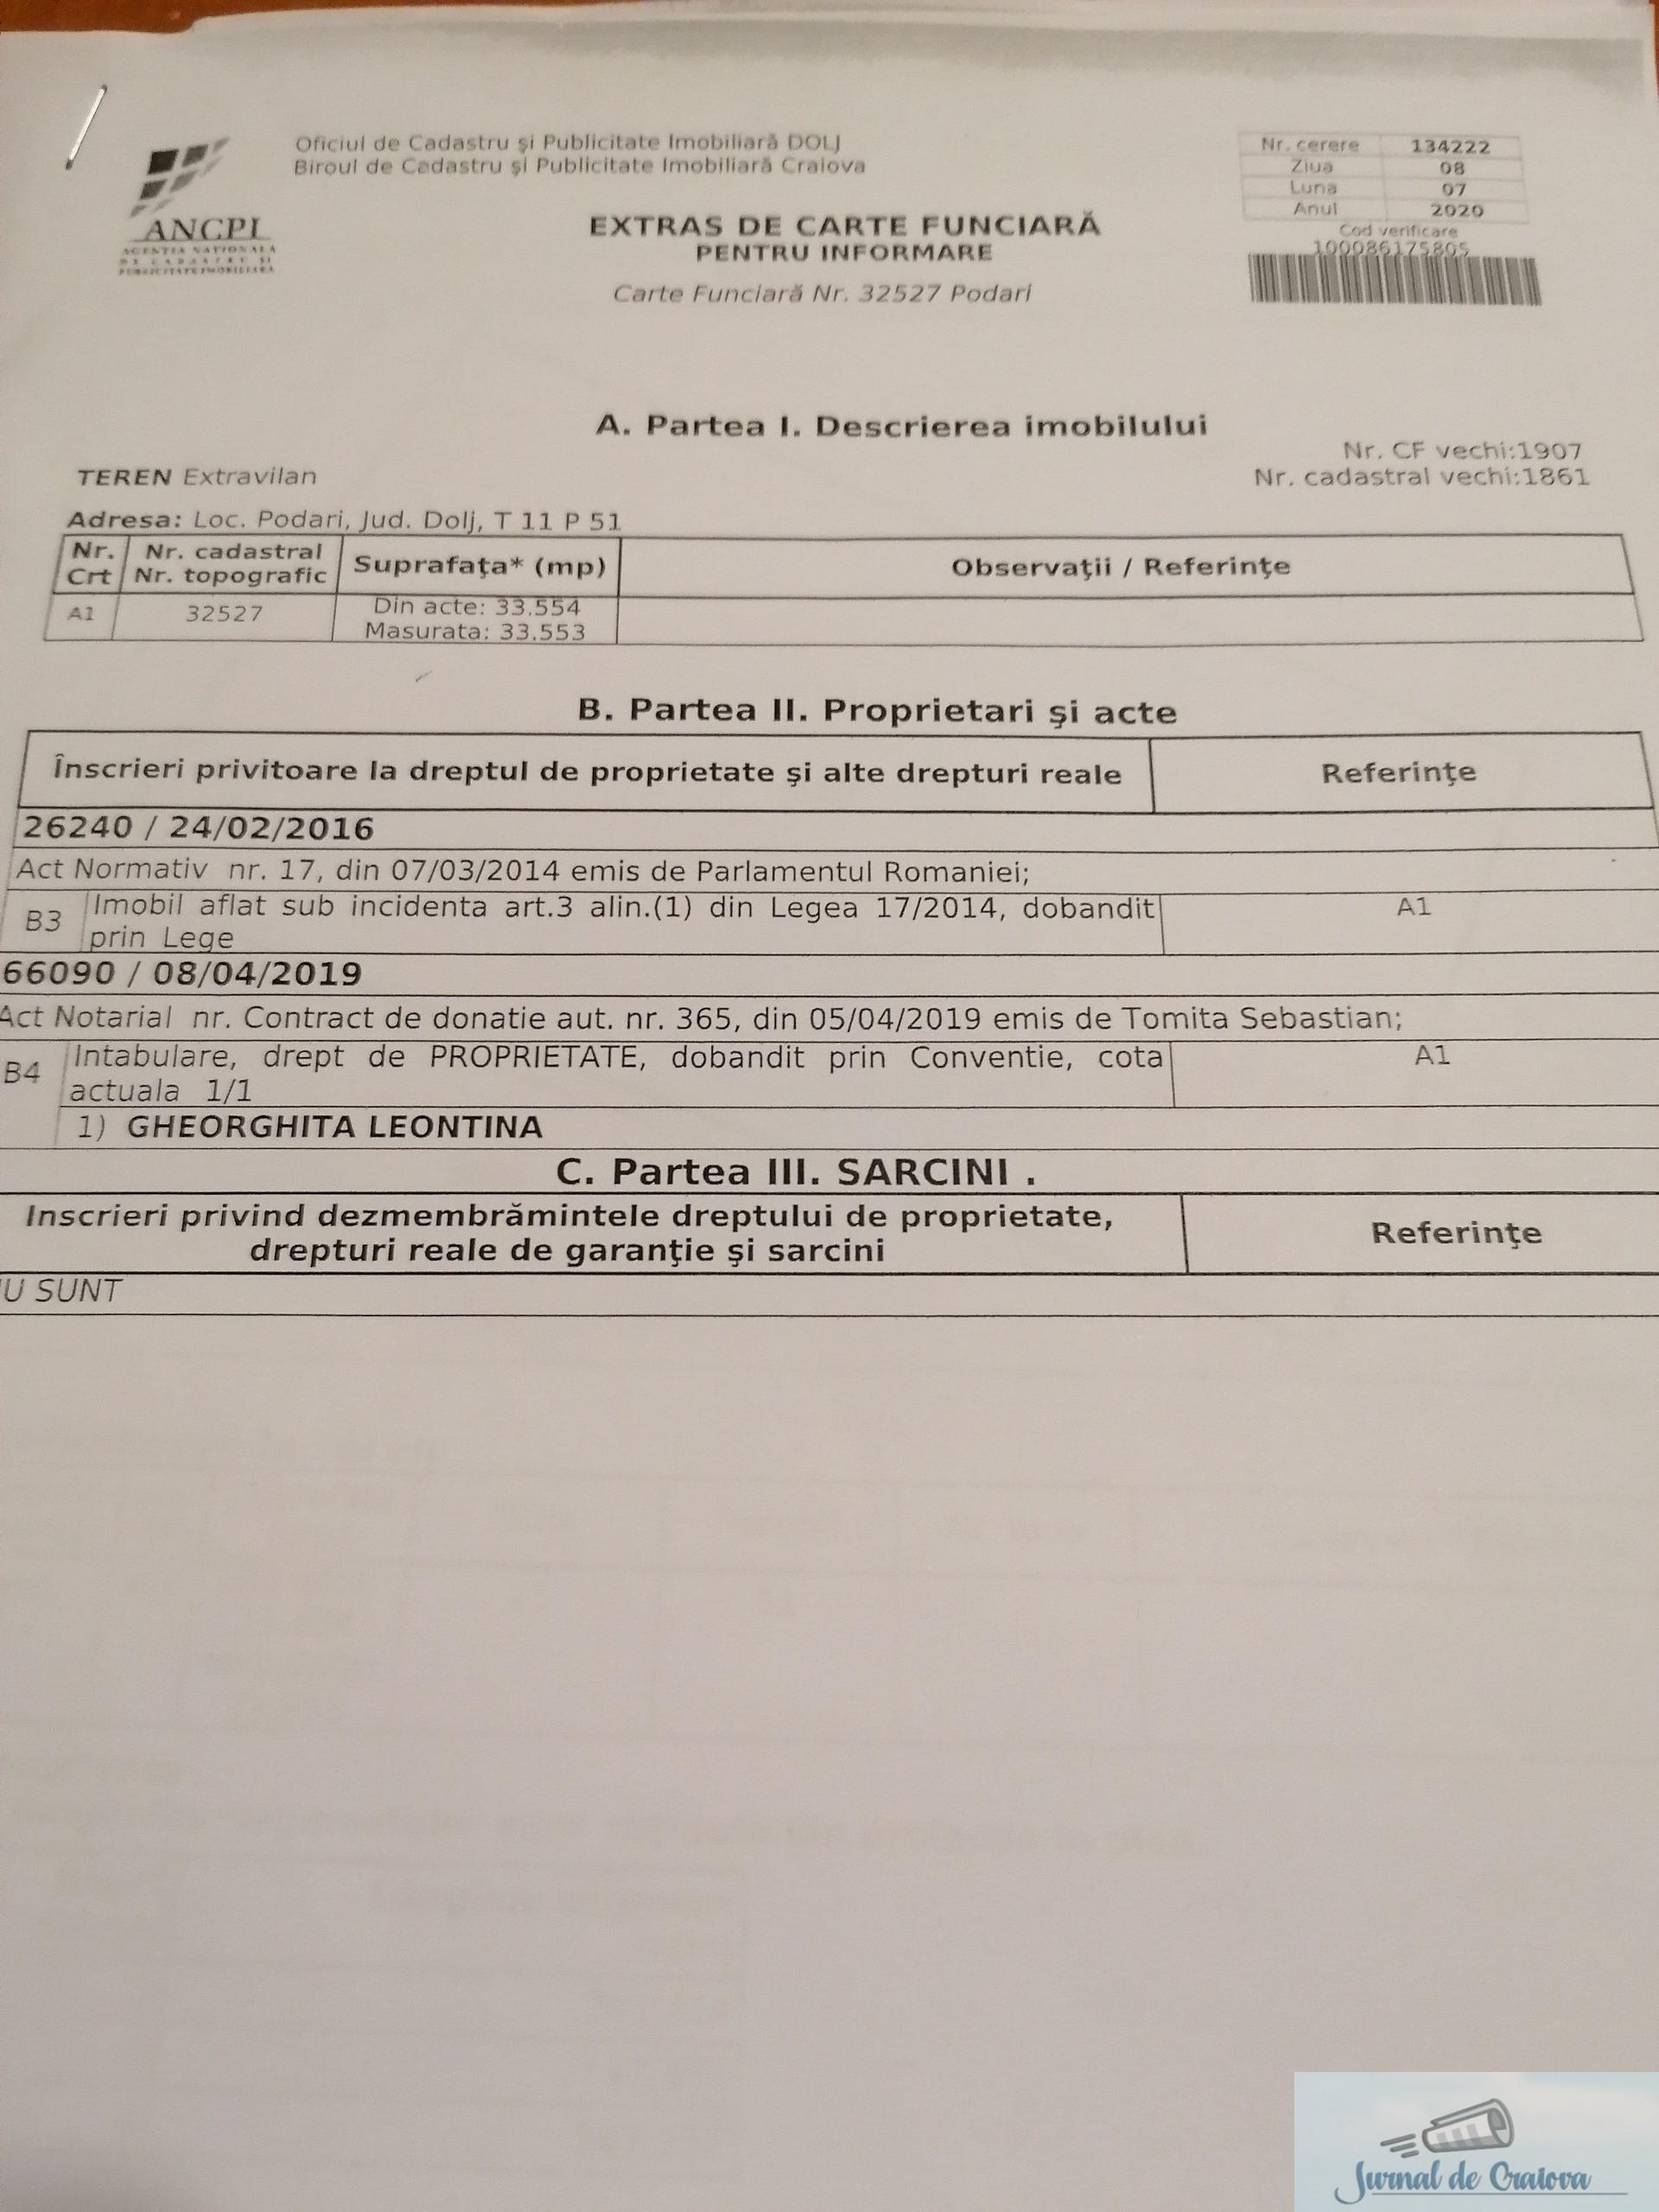 #BarondeDolj : Cum a reusit familia Gheorghita sa puna mana pe cele 24 de hectare cedate de MAPN in Podari .. 12